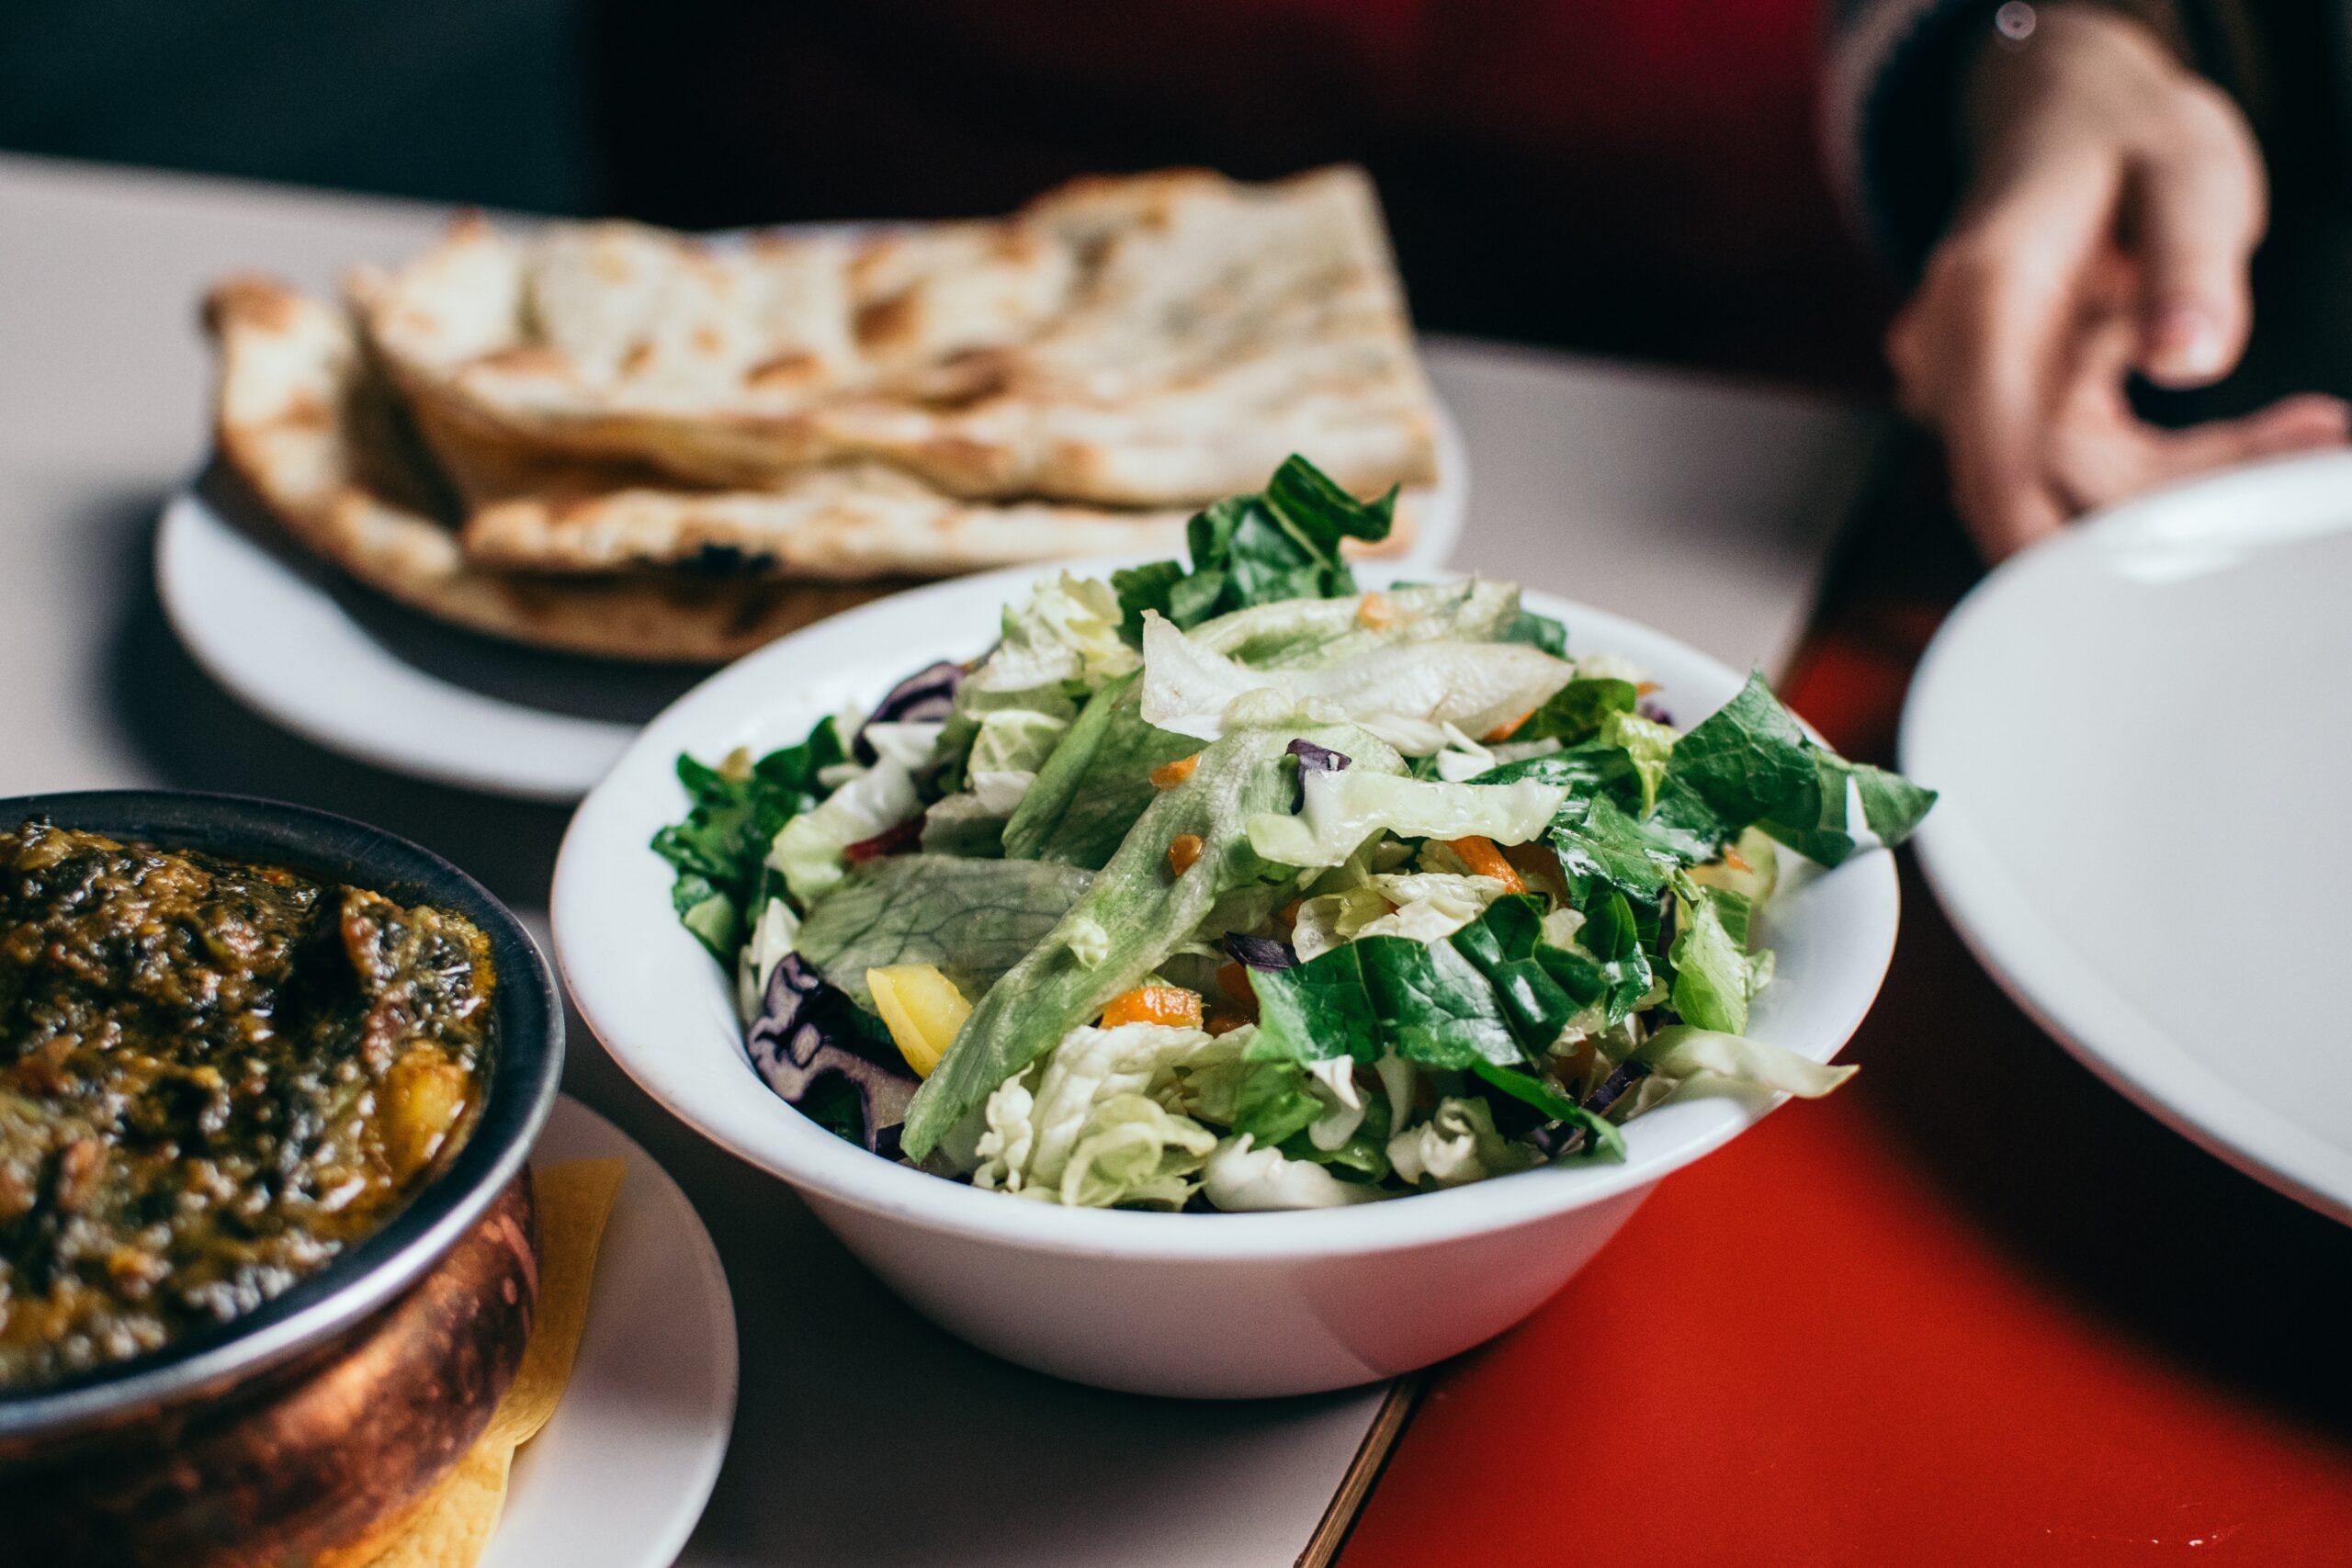 la realidad detrás de las dietas miriam herbon adelgazar bilbao alimentacion comida mindful eating